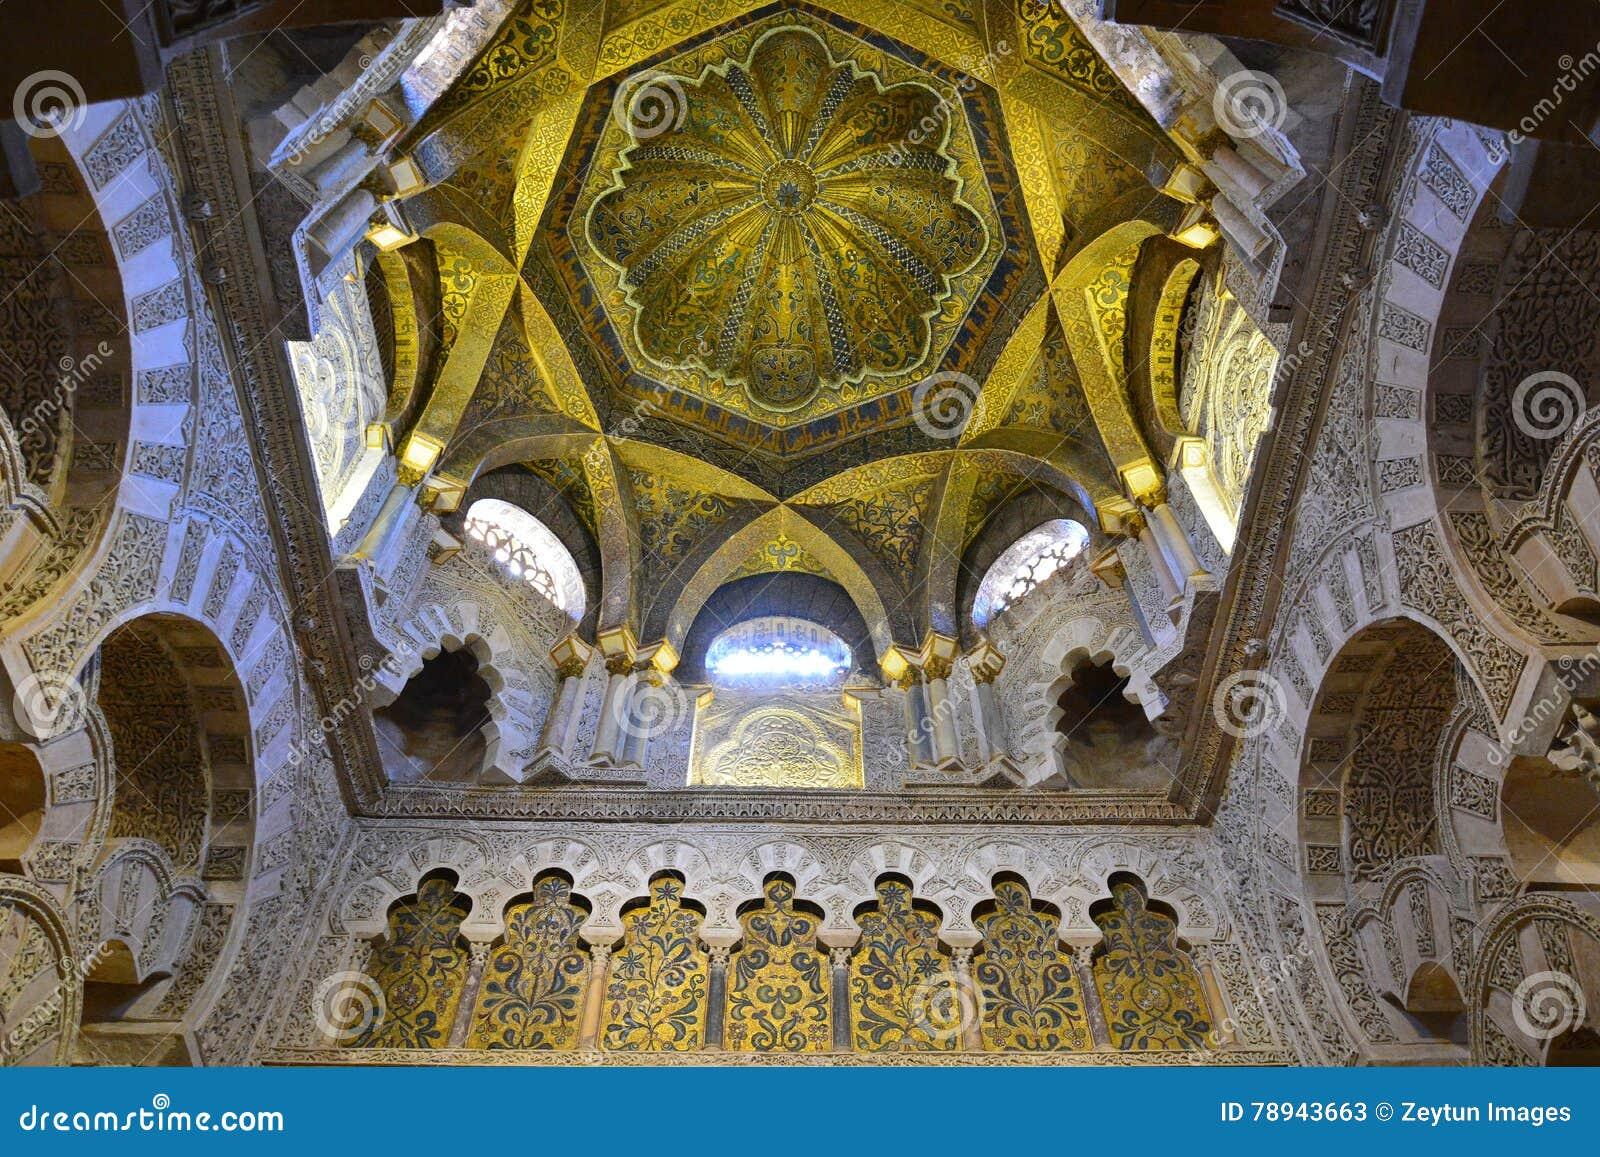 Stropować nad mihrab w Mezquita cordoba